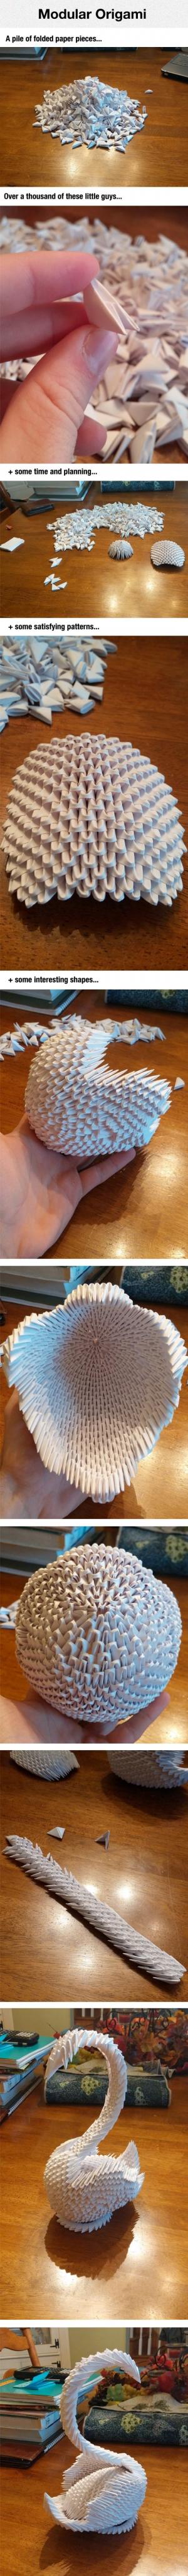 Magnificent Origami